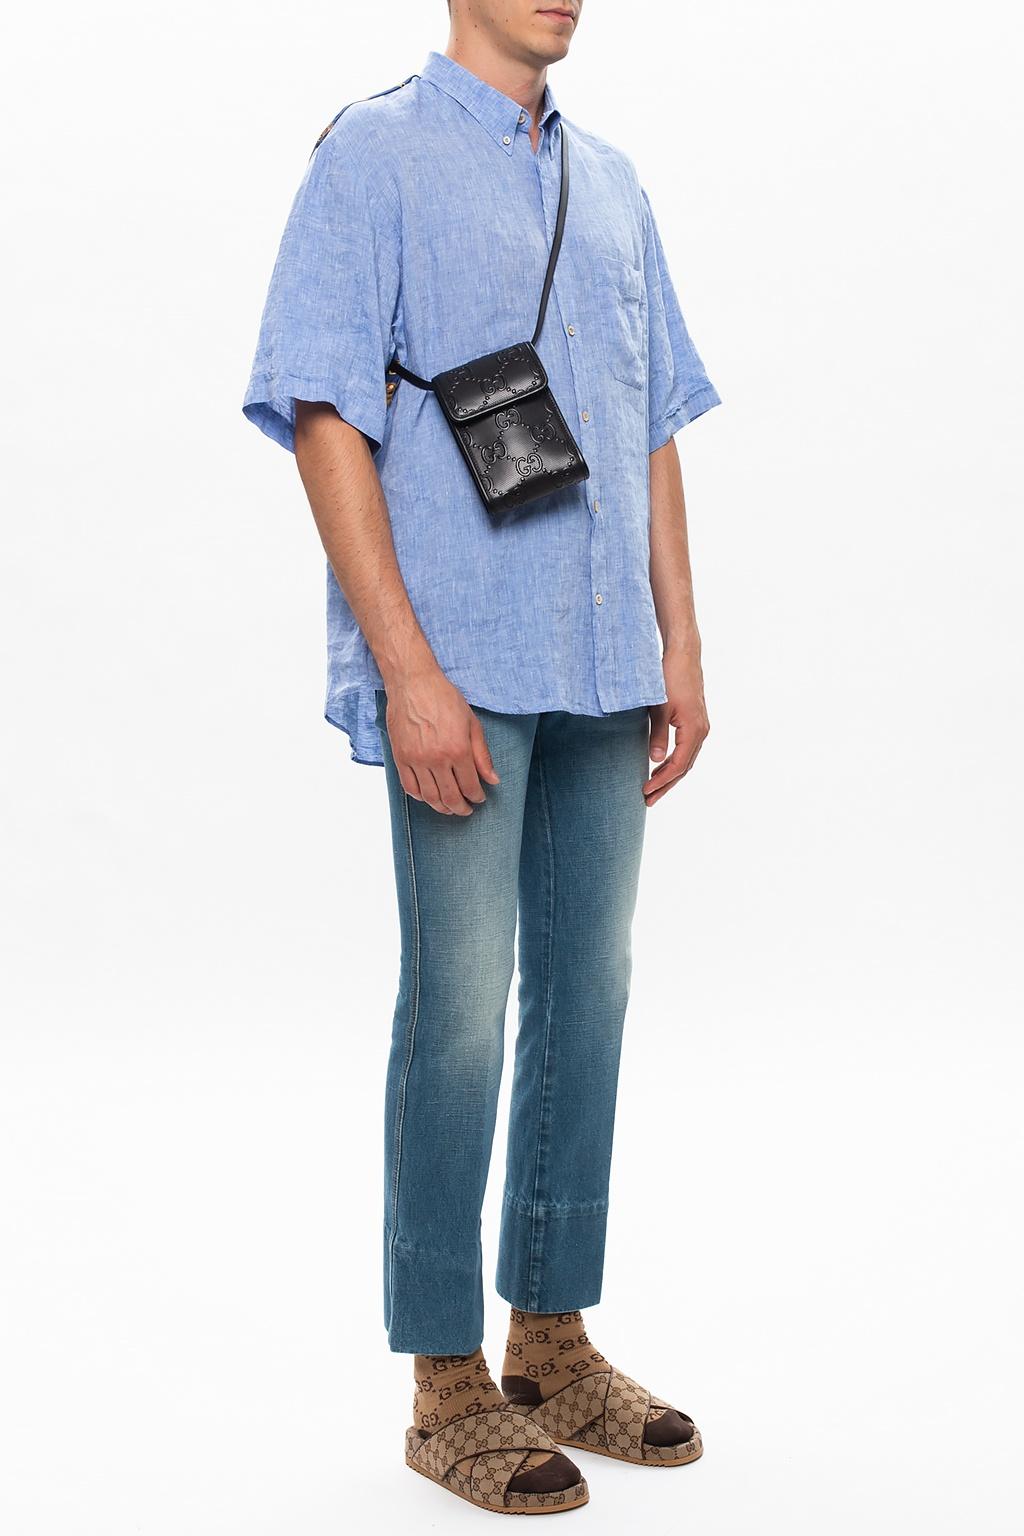 Gucci Linen shirt